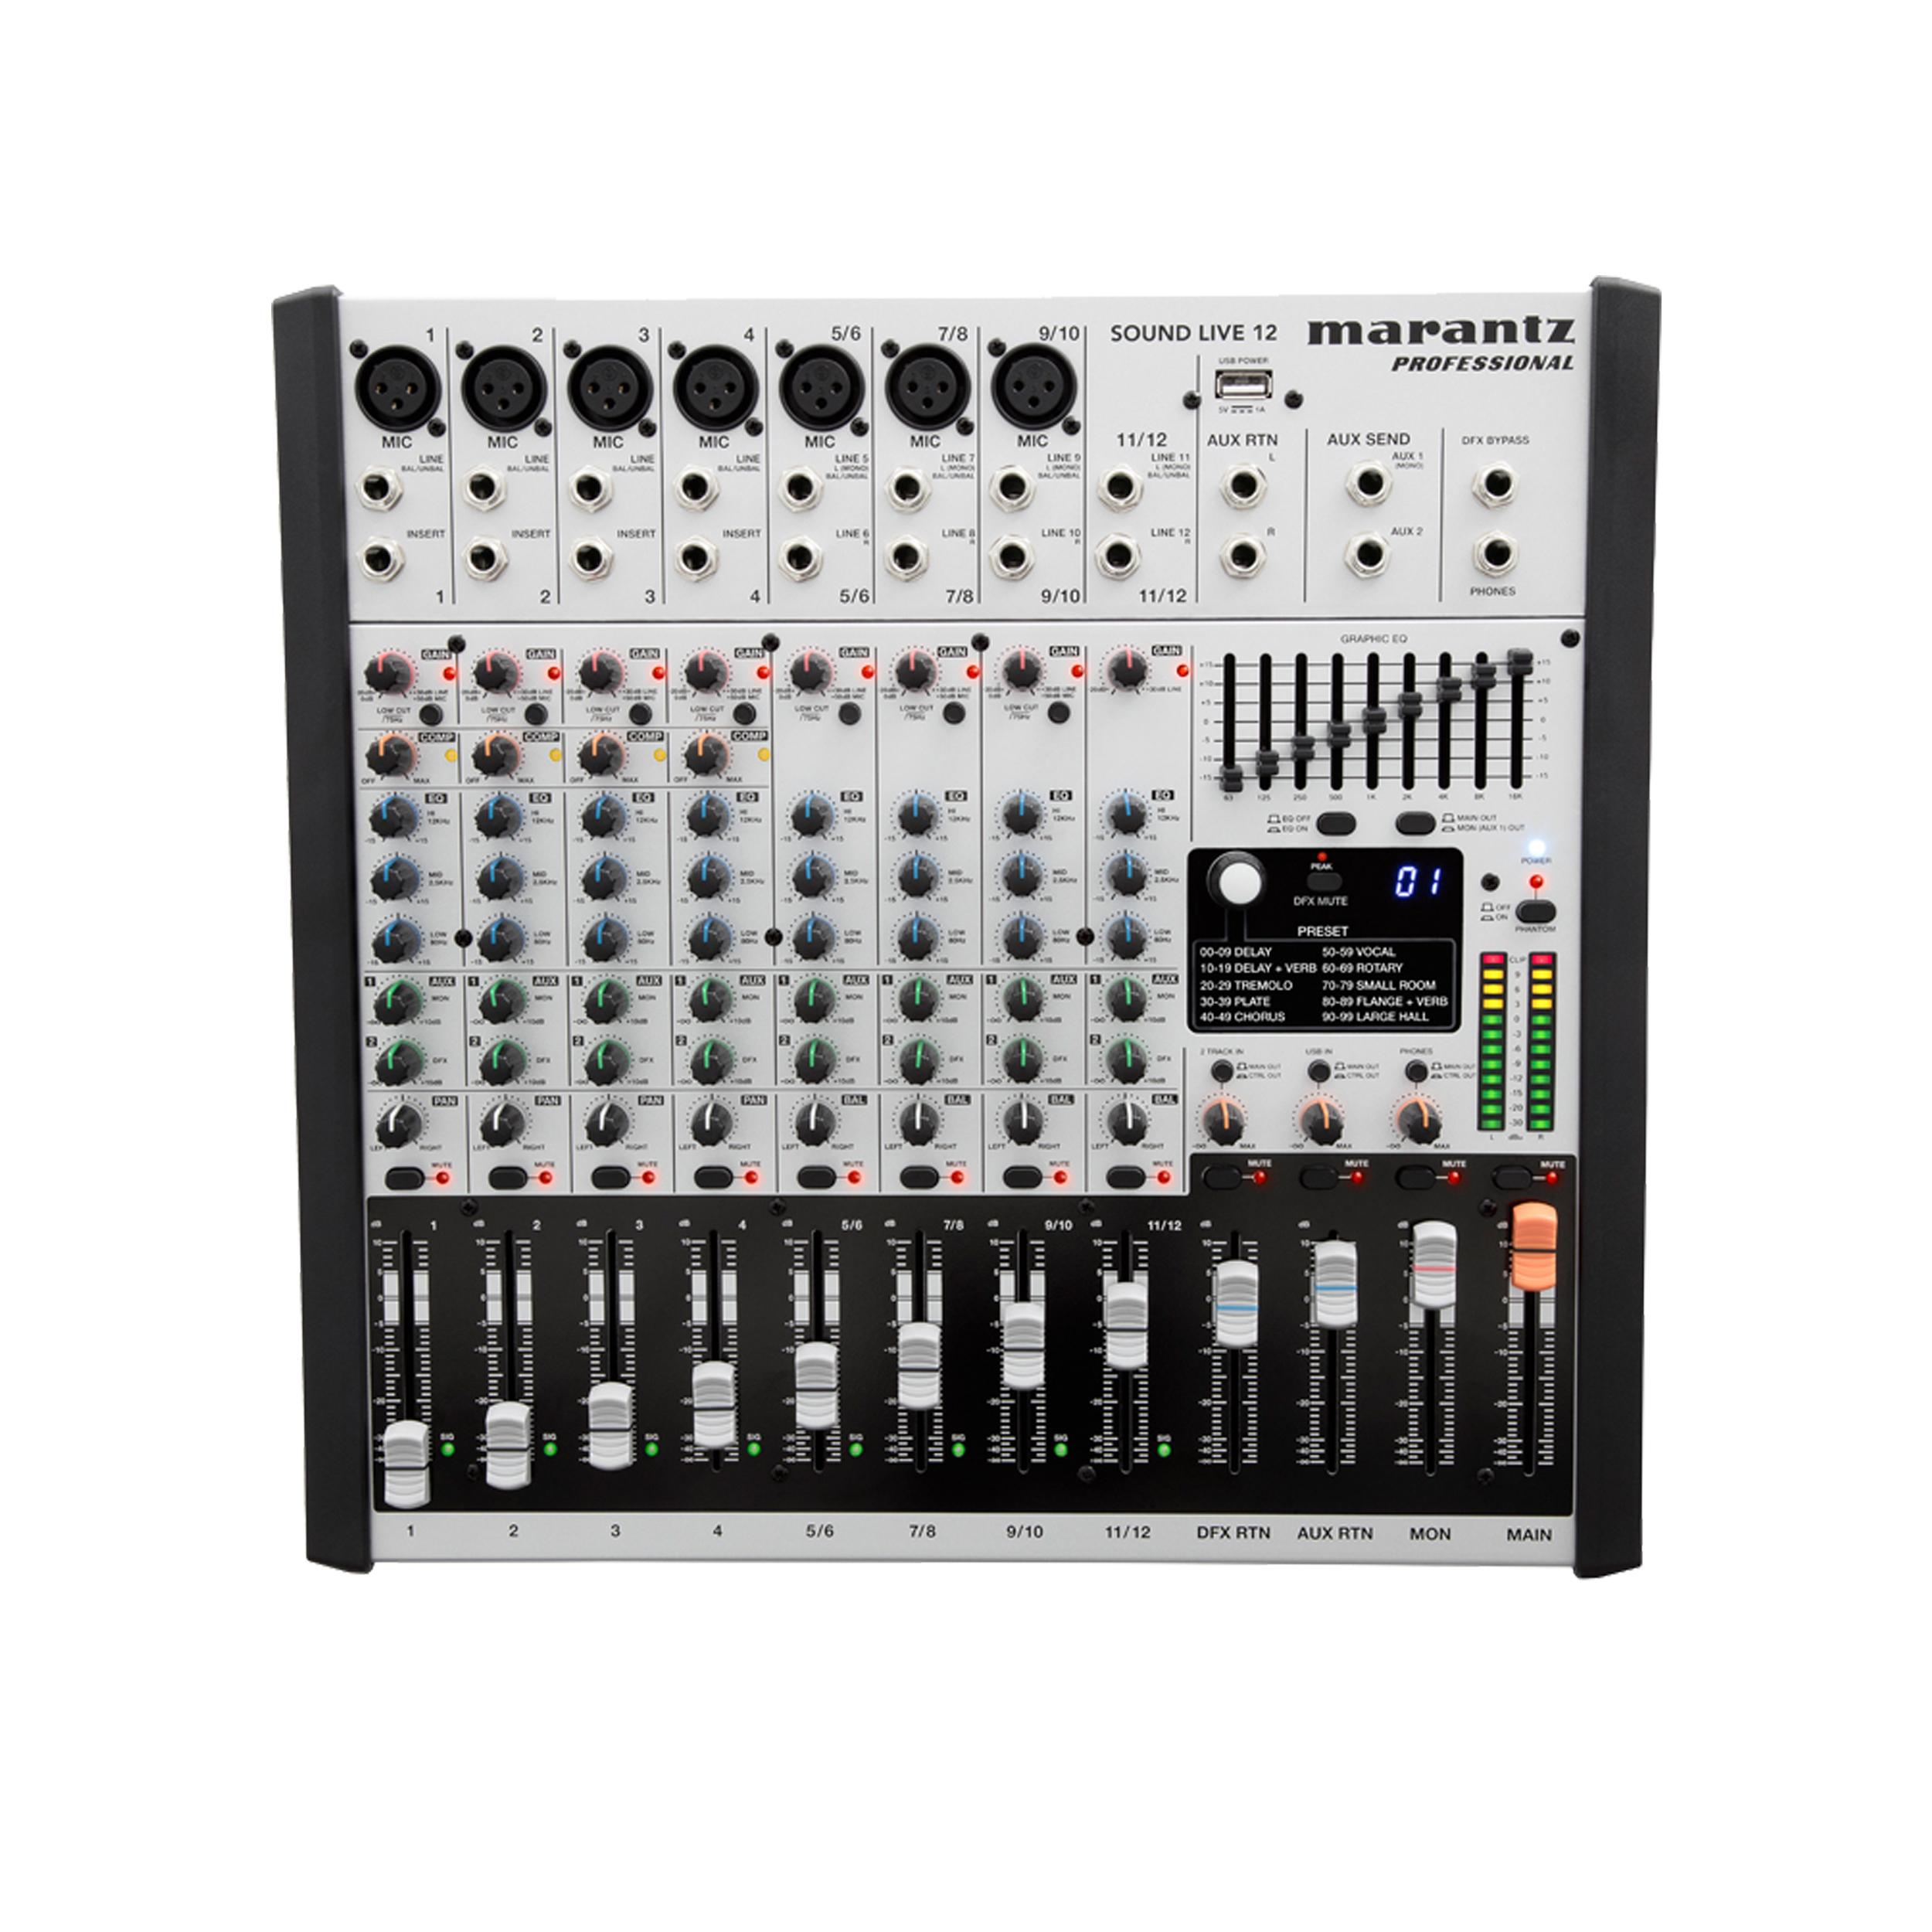 میکسر مرنتز مدل Sound Live 12